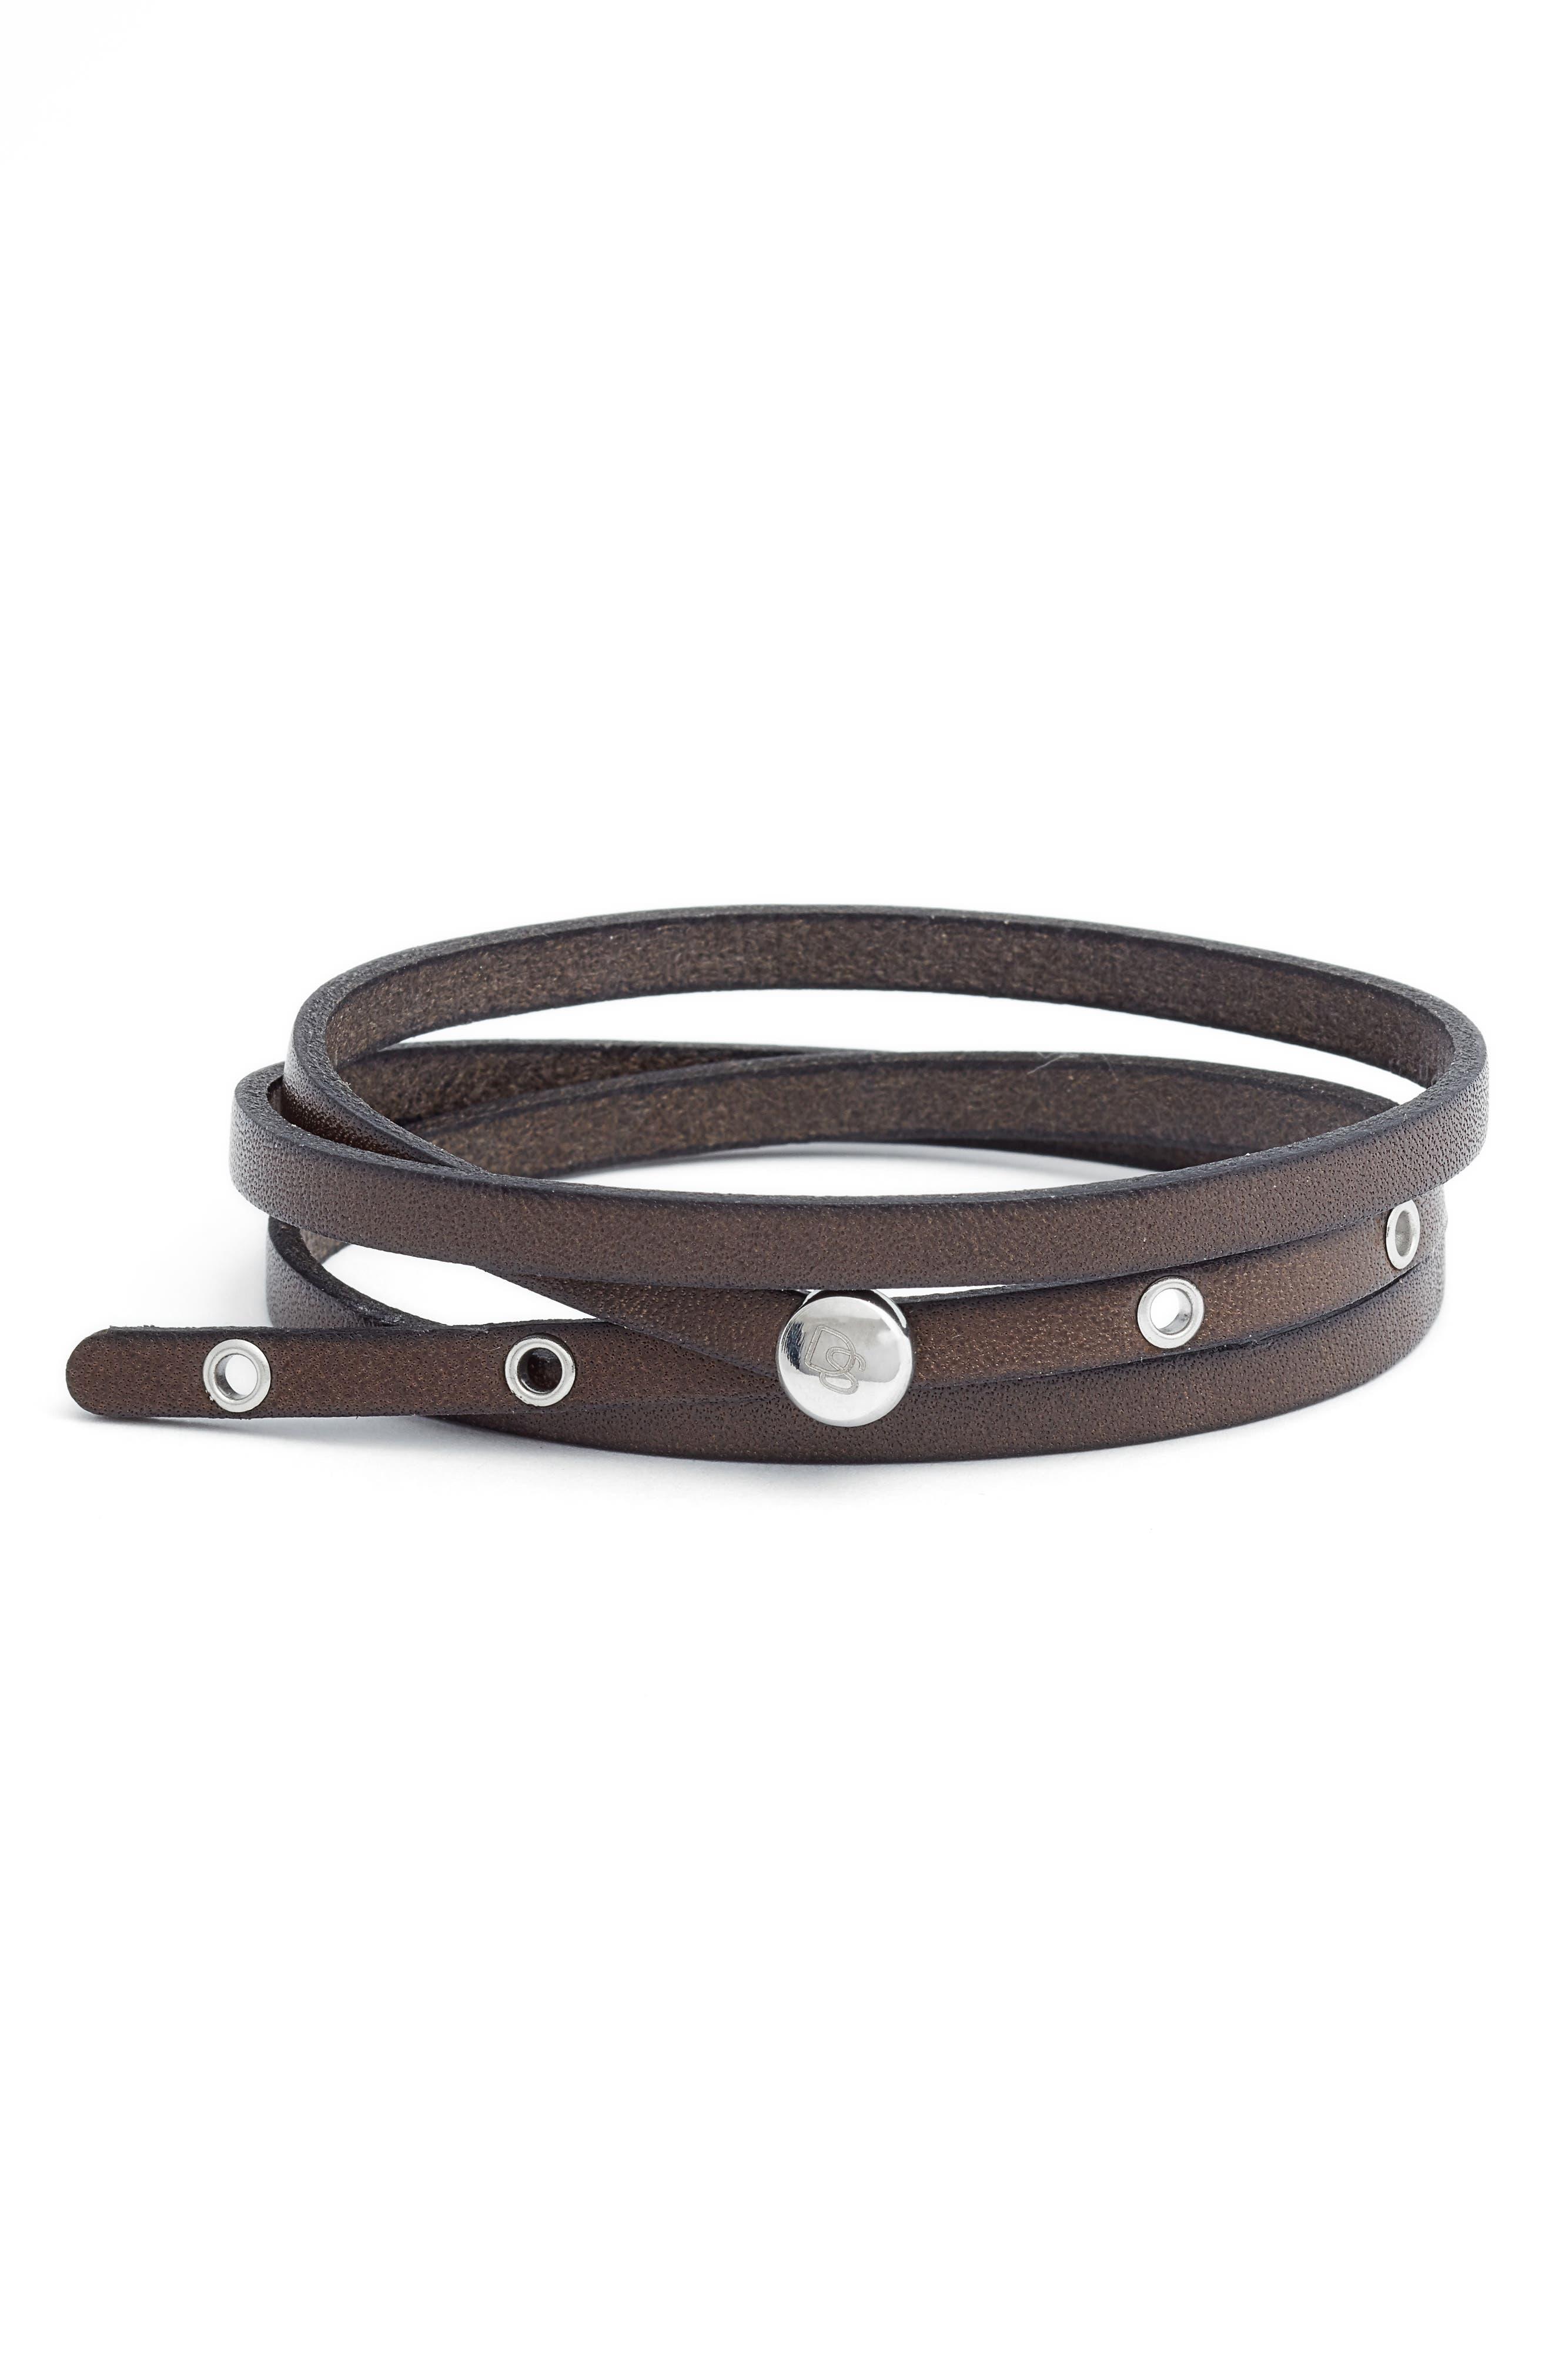 Leather Wrap Bracelet,                             Main thumbnail 1, color,                             BROWN